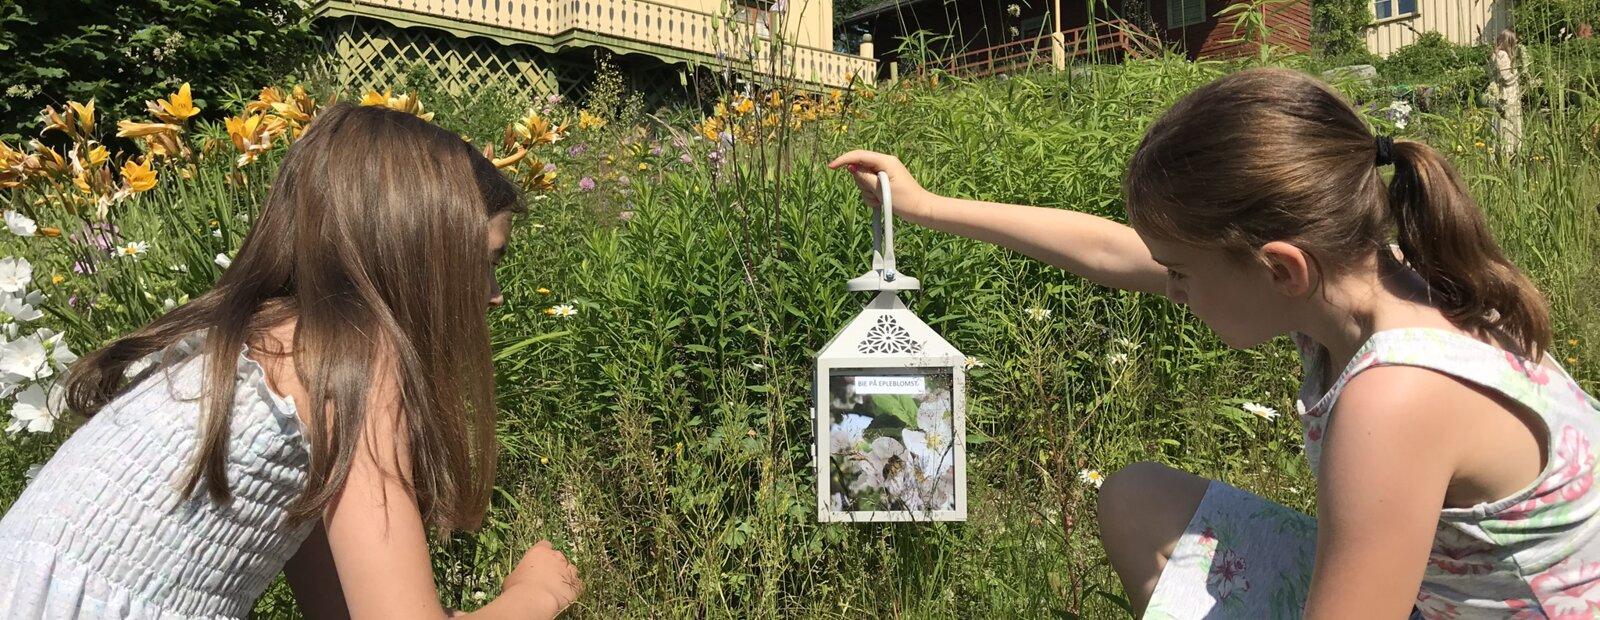 Barn som ser på en lykt i hagen til Bjørnstjerne Bjørnson.